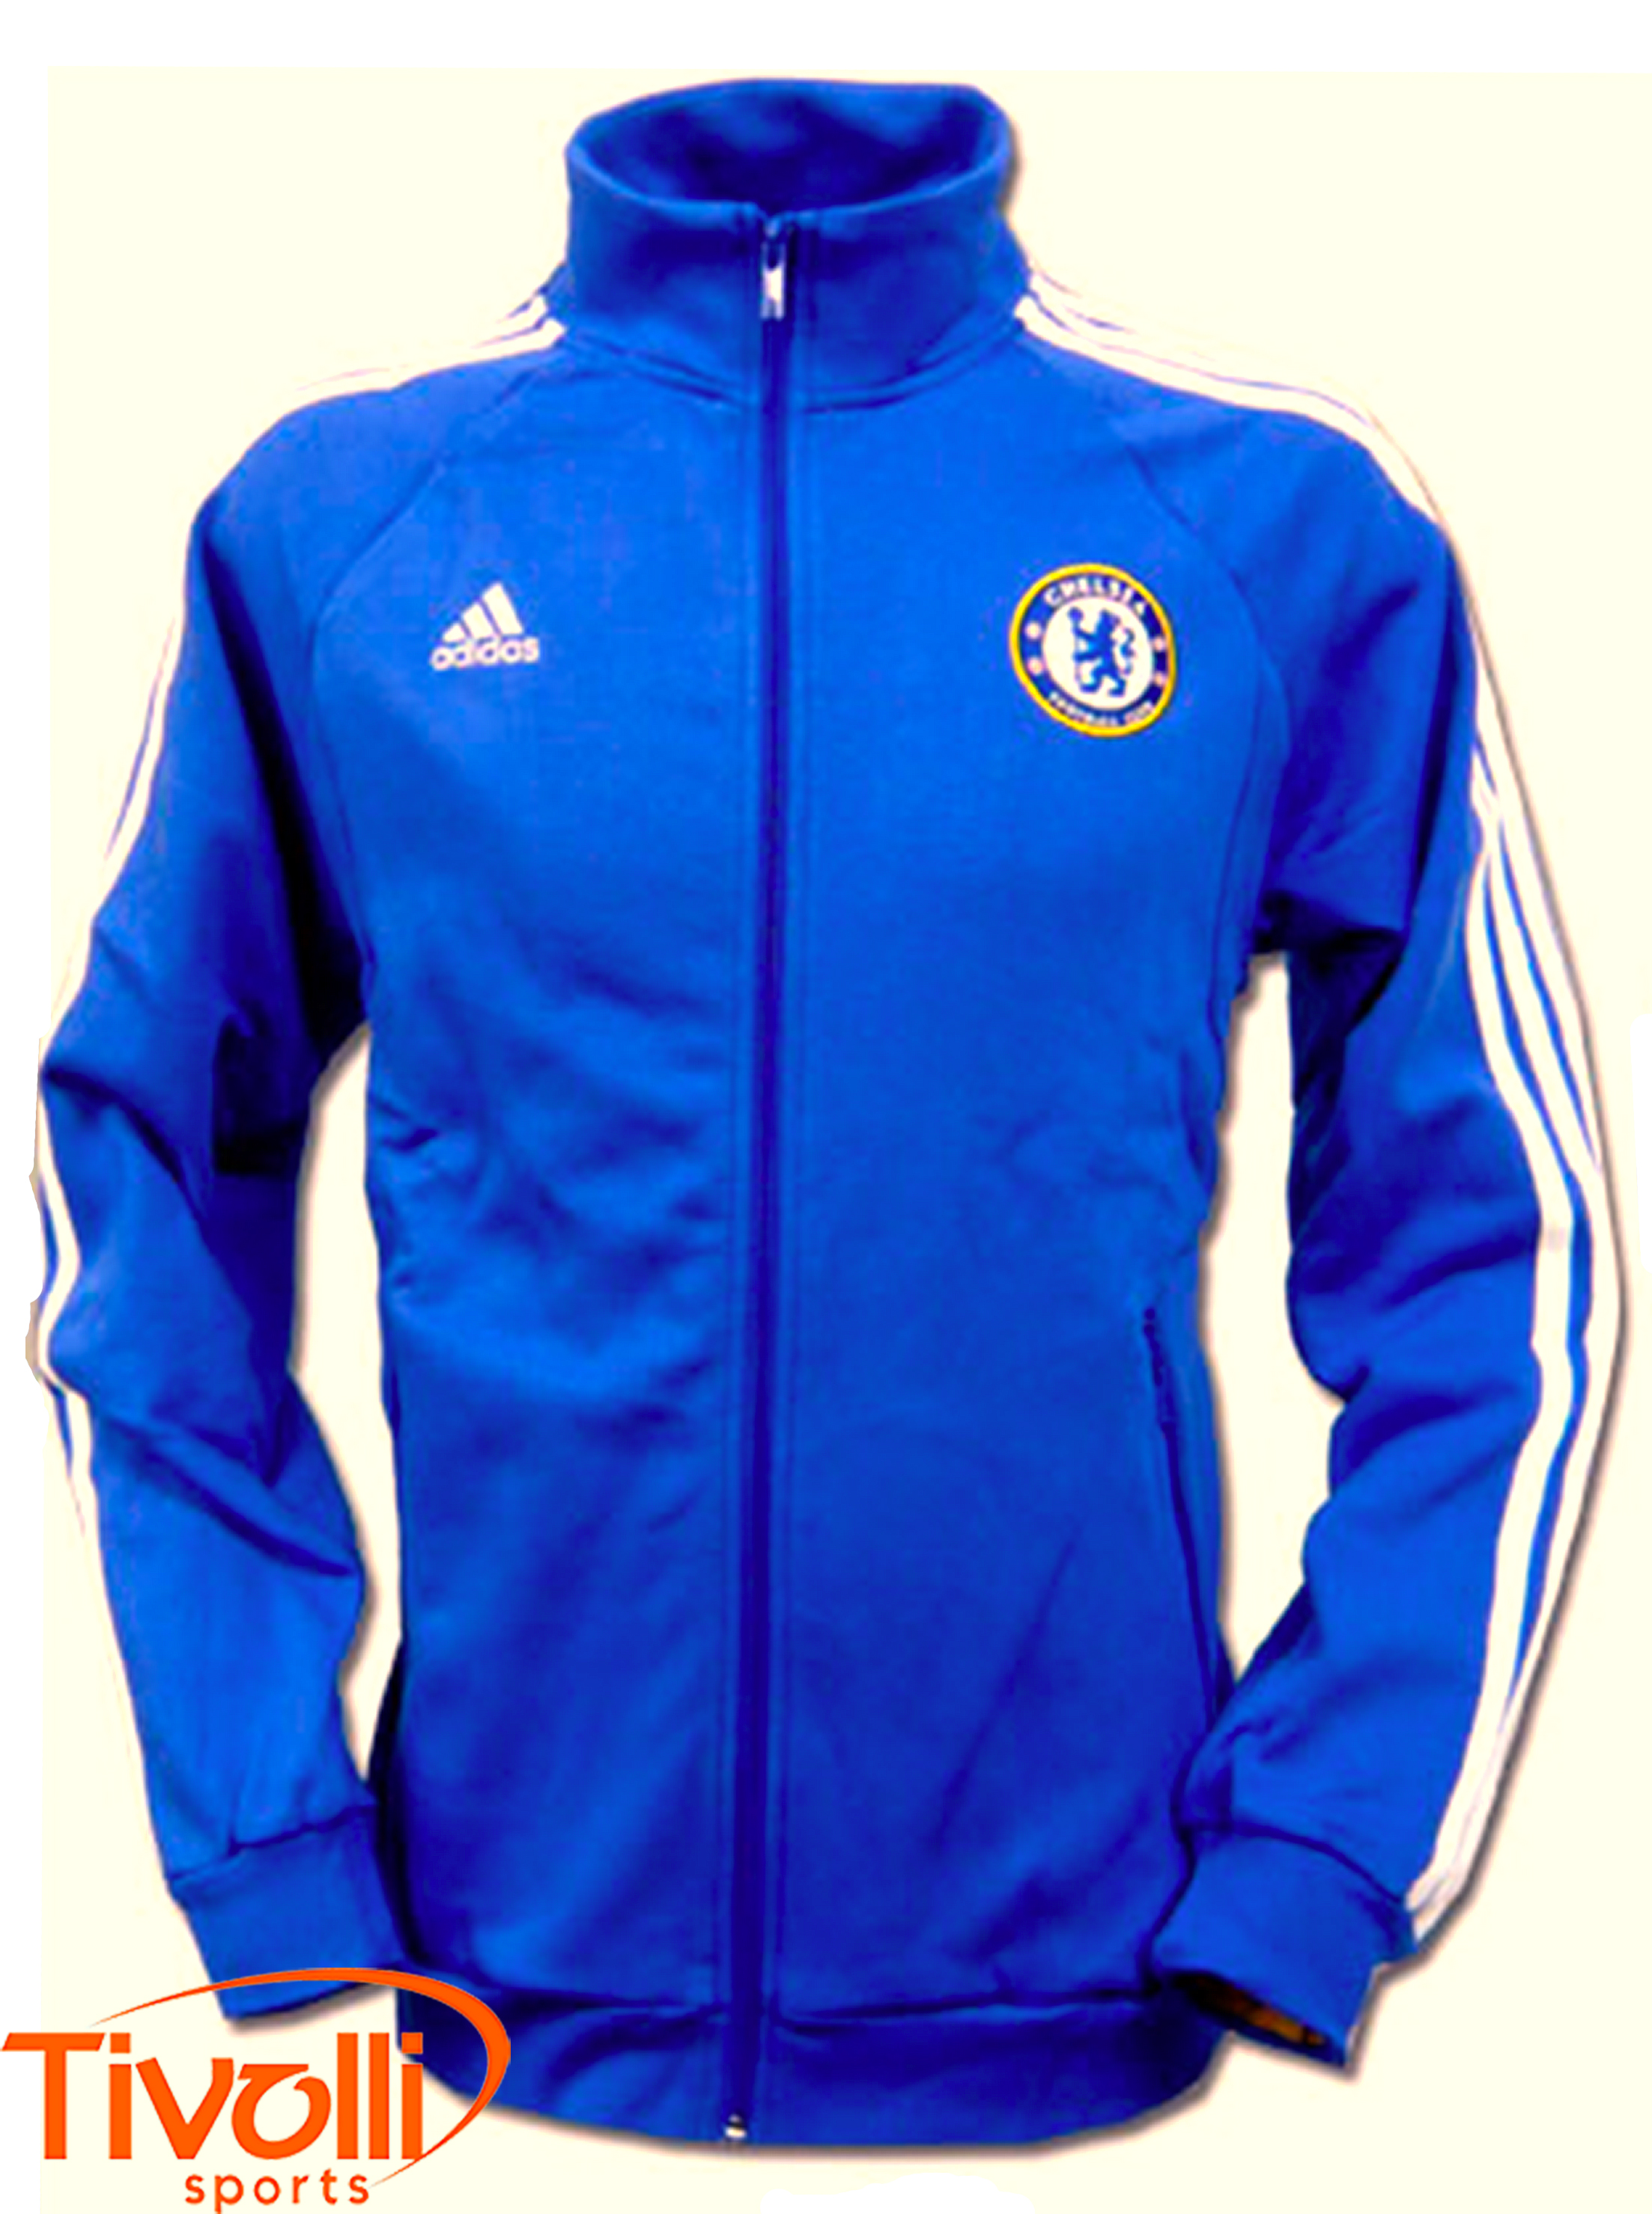 7d9b0f9549 Jaqueta Chelsea Adidas   - Mega Saldão